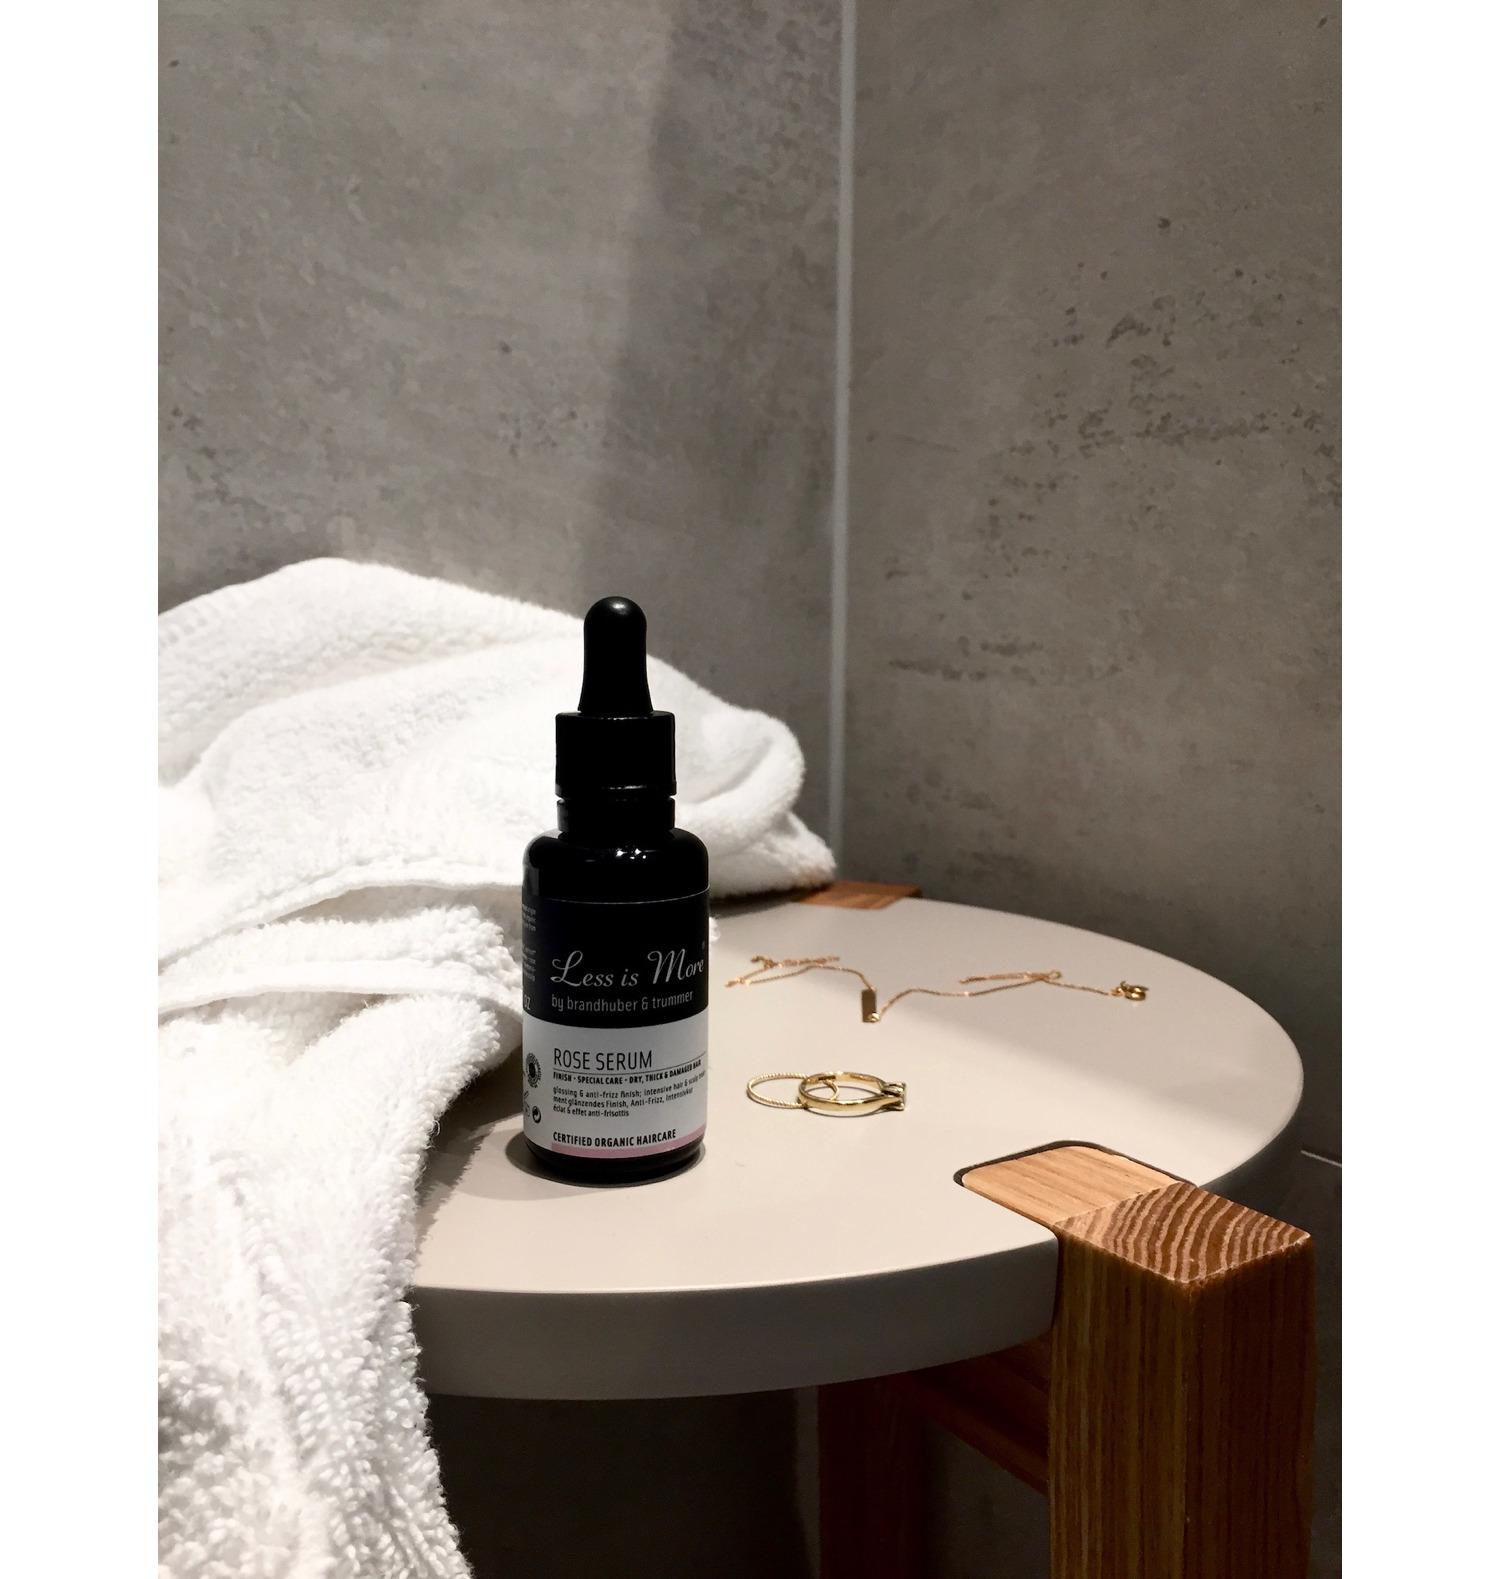 Blogazine Beautyblog Beautyblogger BAREMINDS Elina Neumann Reisen Österreich Graz Mangolds Less is More Organic Shampoo 1